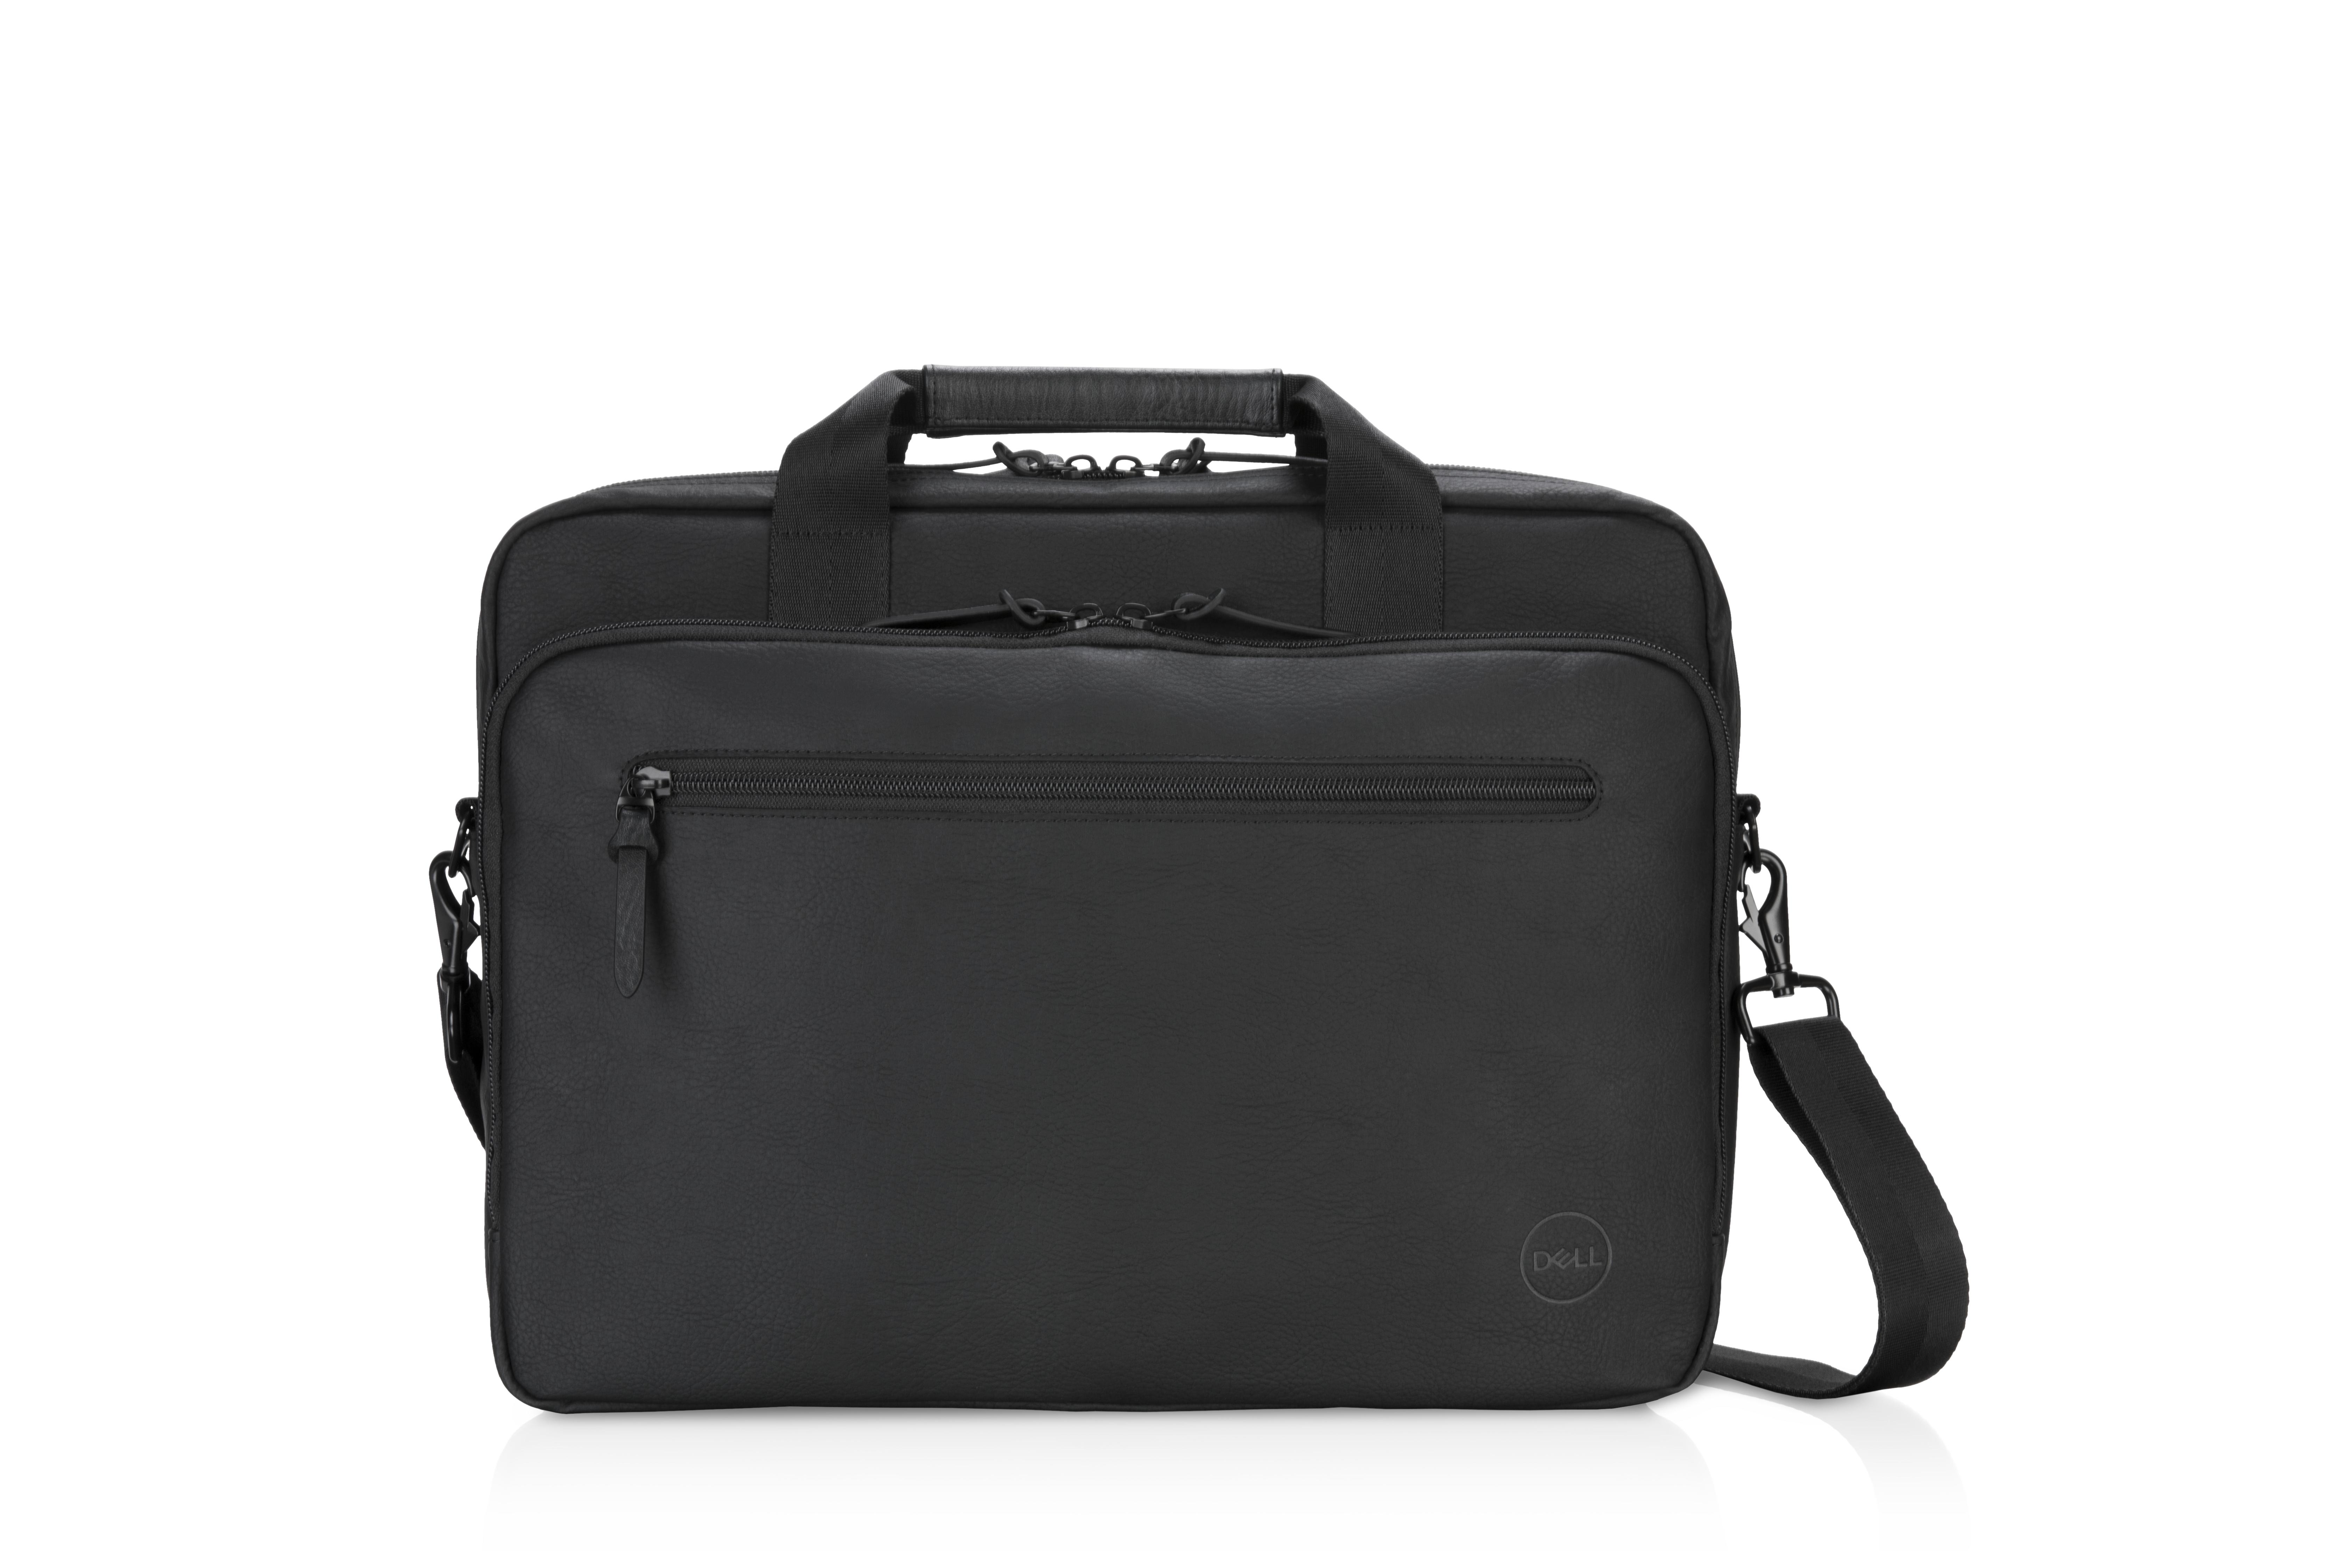 DELL Premier Slim Briefcase borsa per notebook 38,1 cm (15